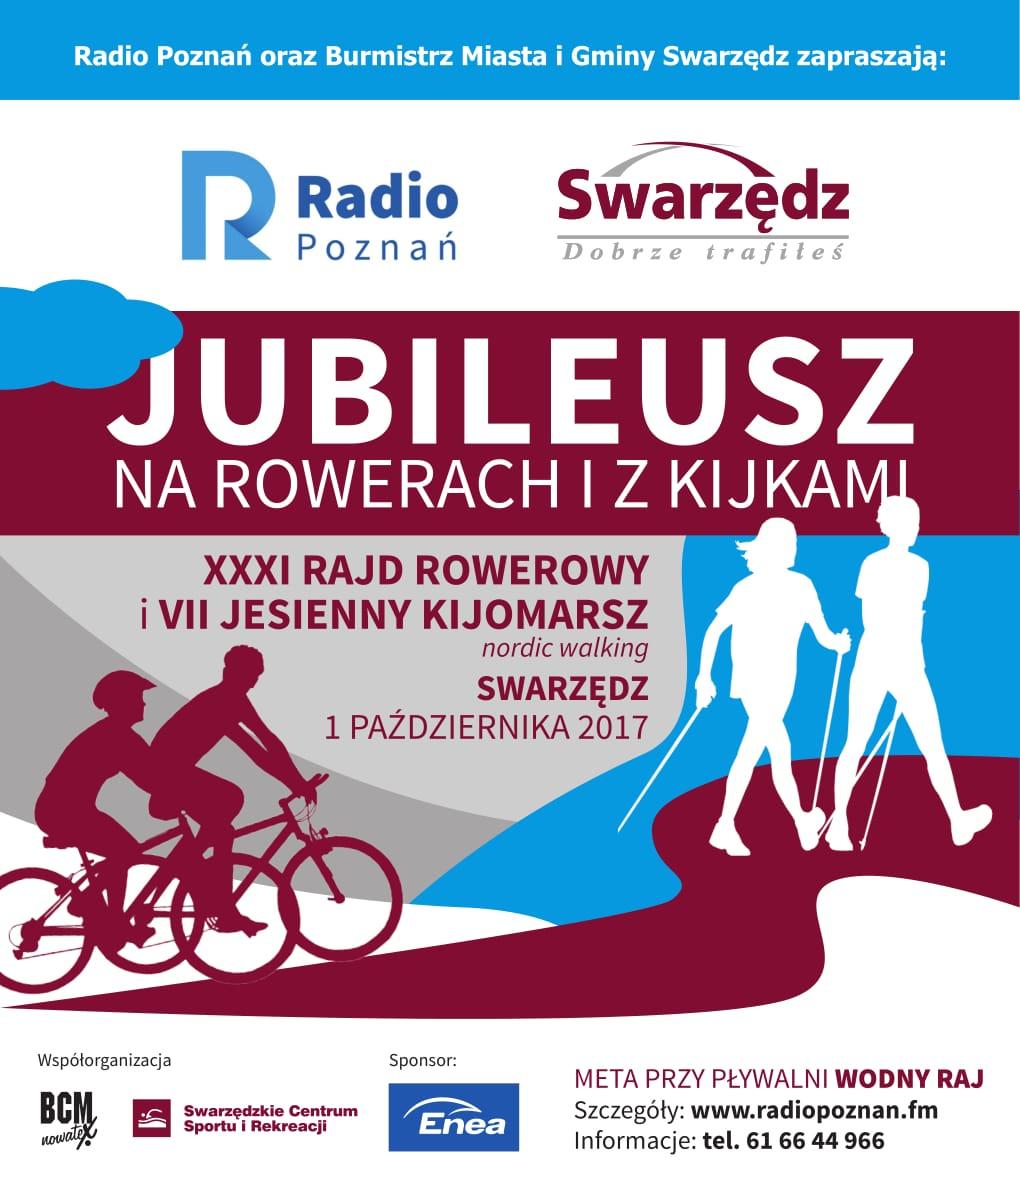 reklama prasa Radio-Swarzedz-enea-1